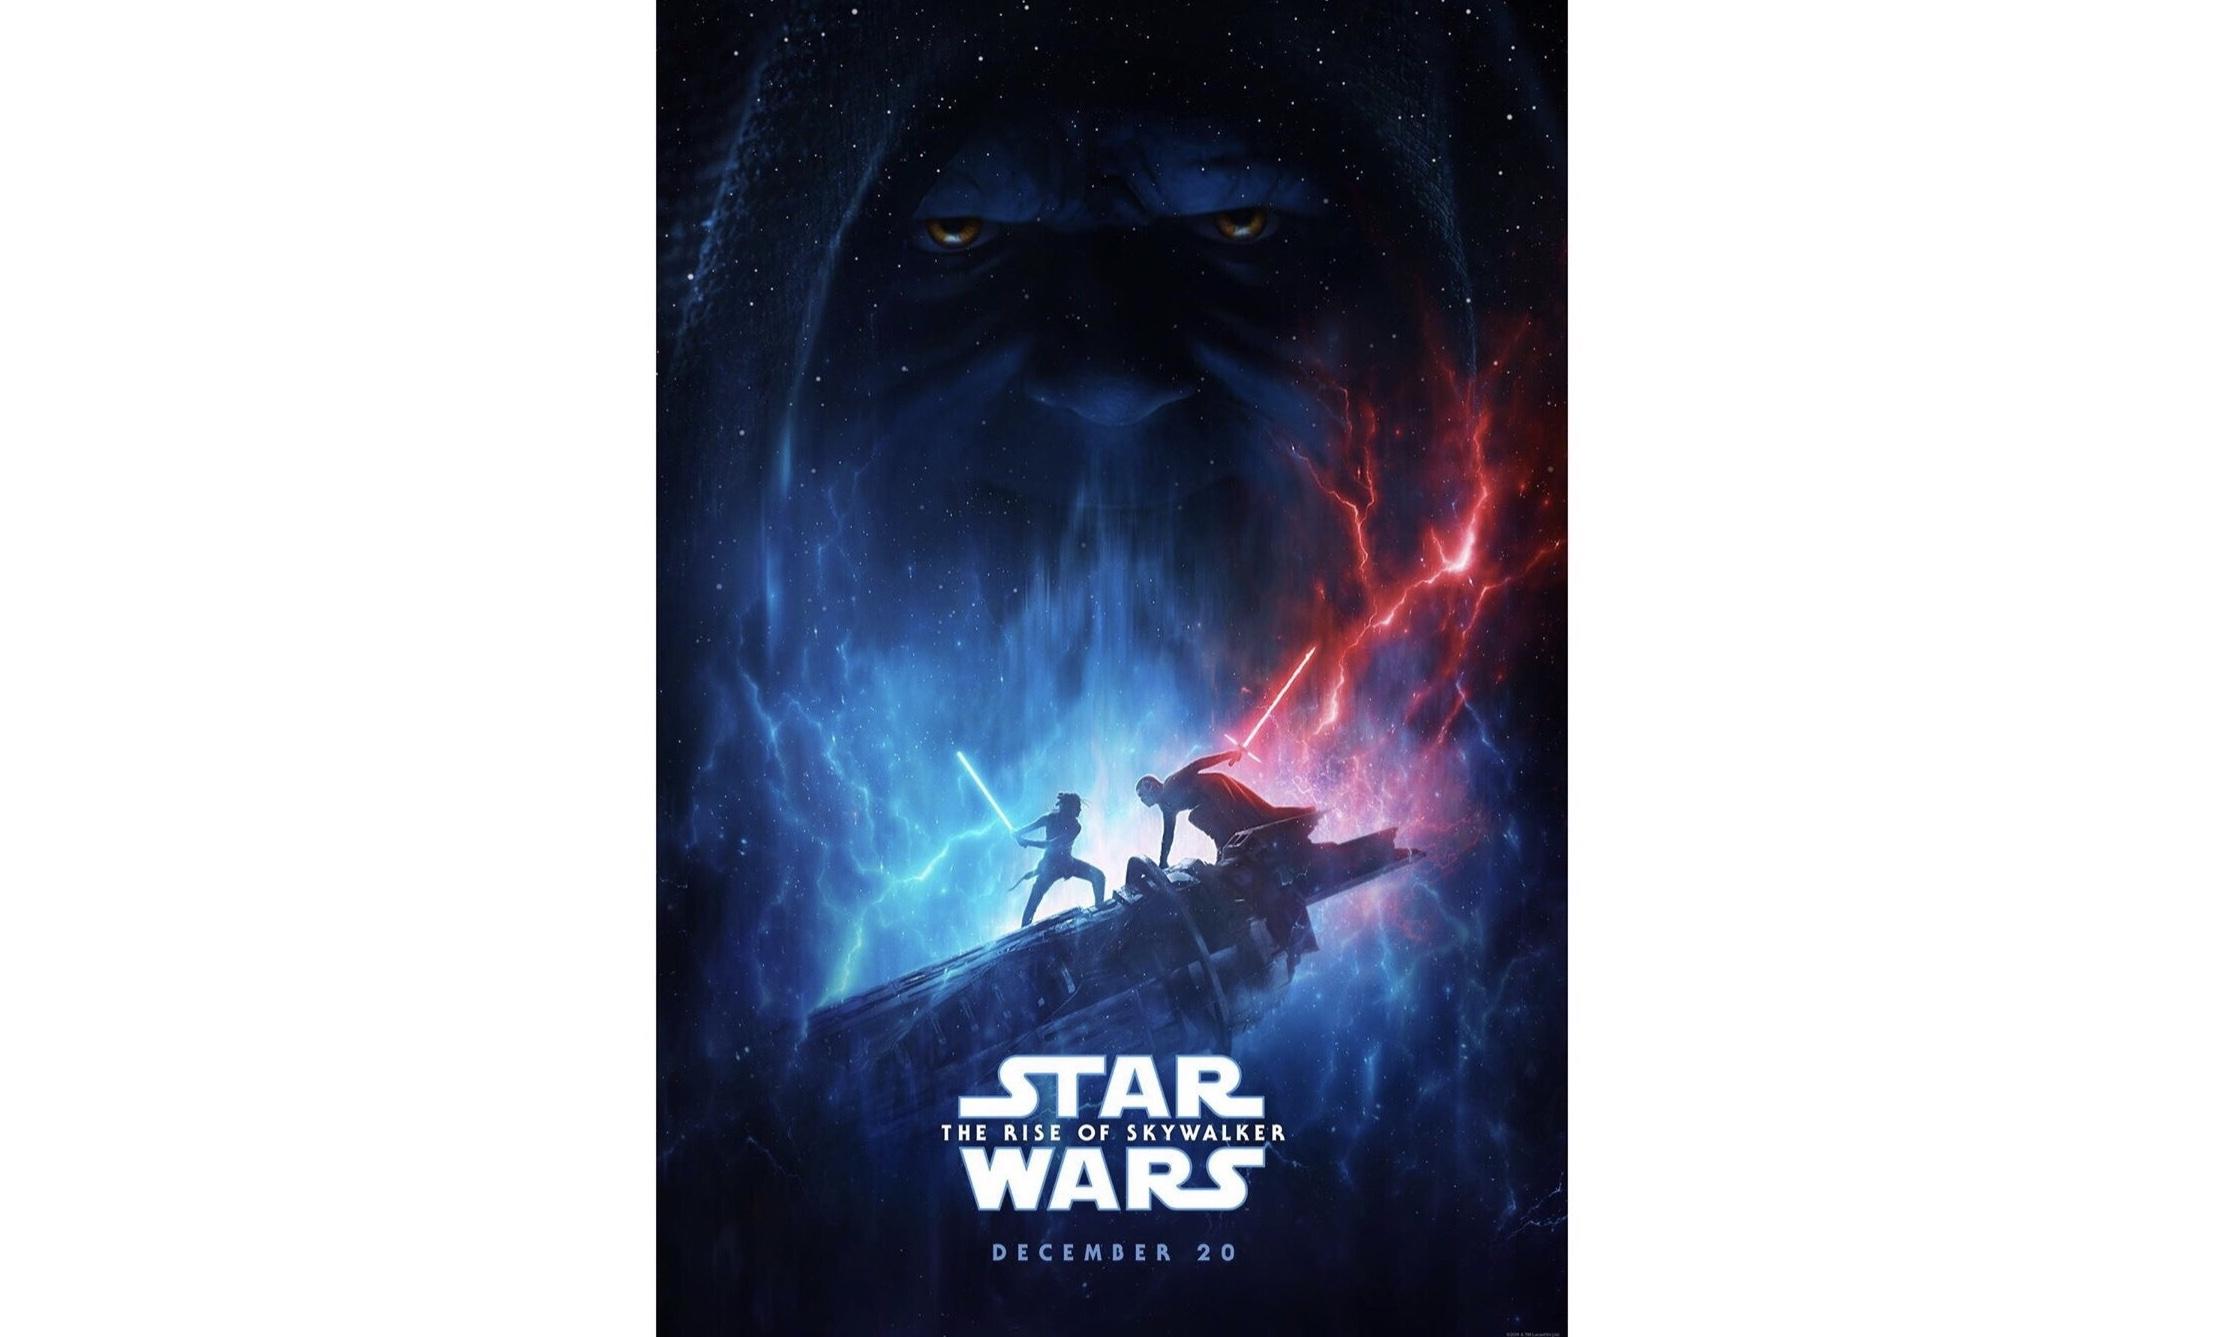 《星球大战:天行者崛起》预告海报现身 D23 展会